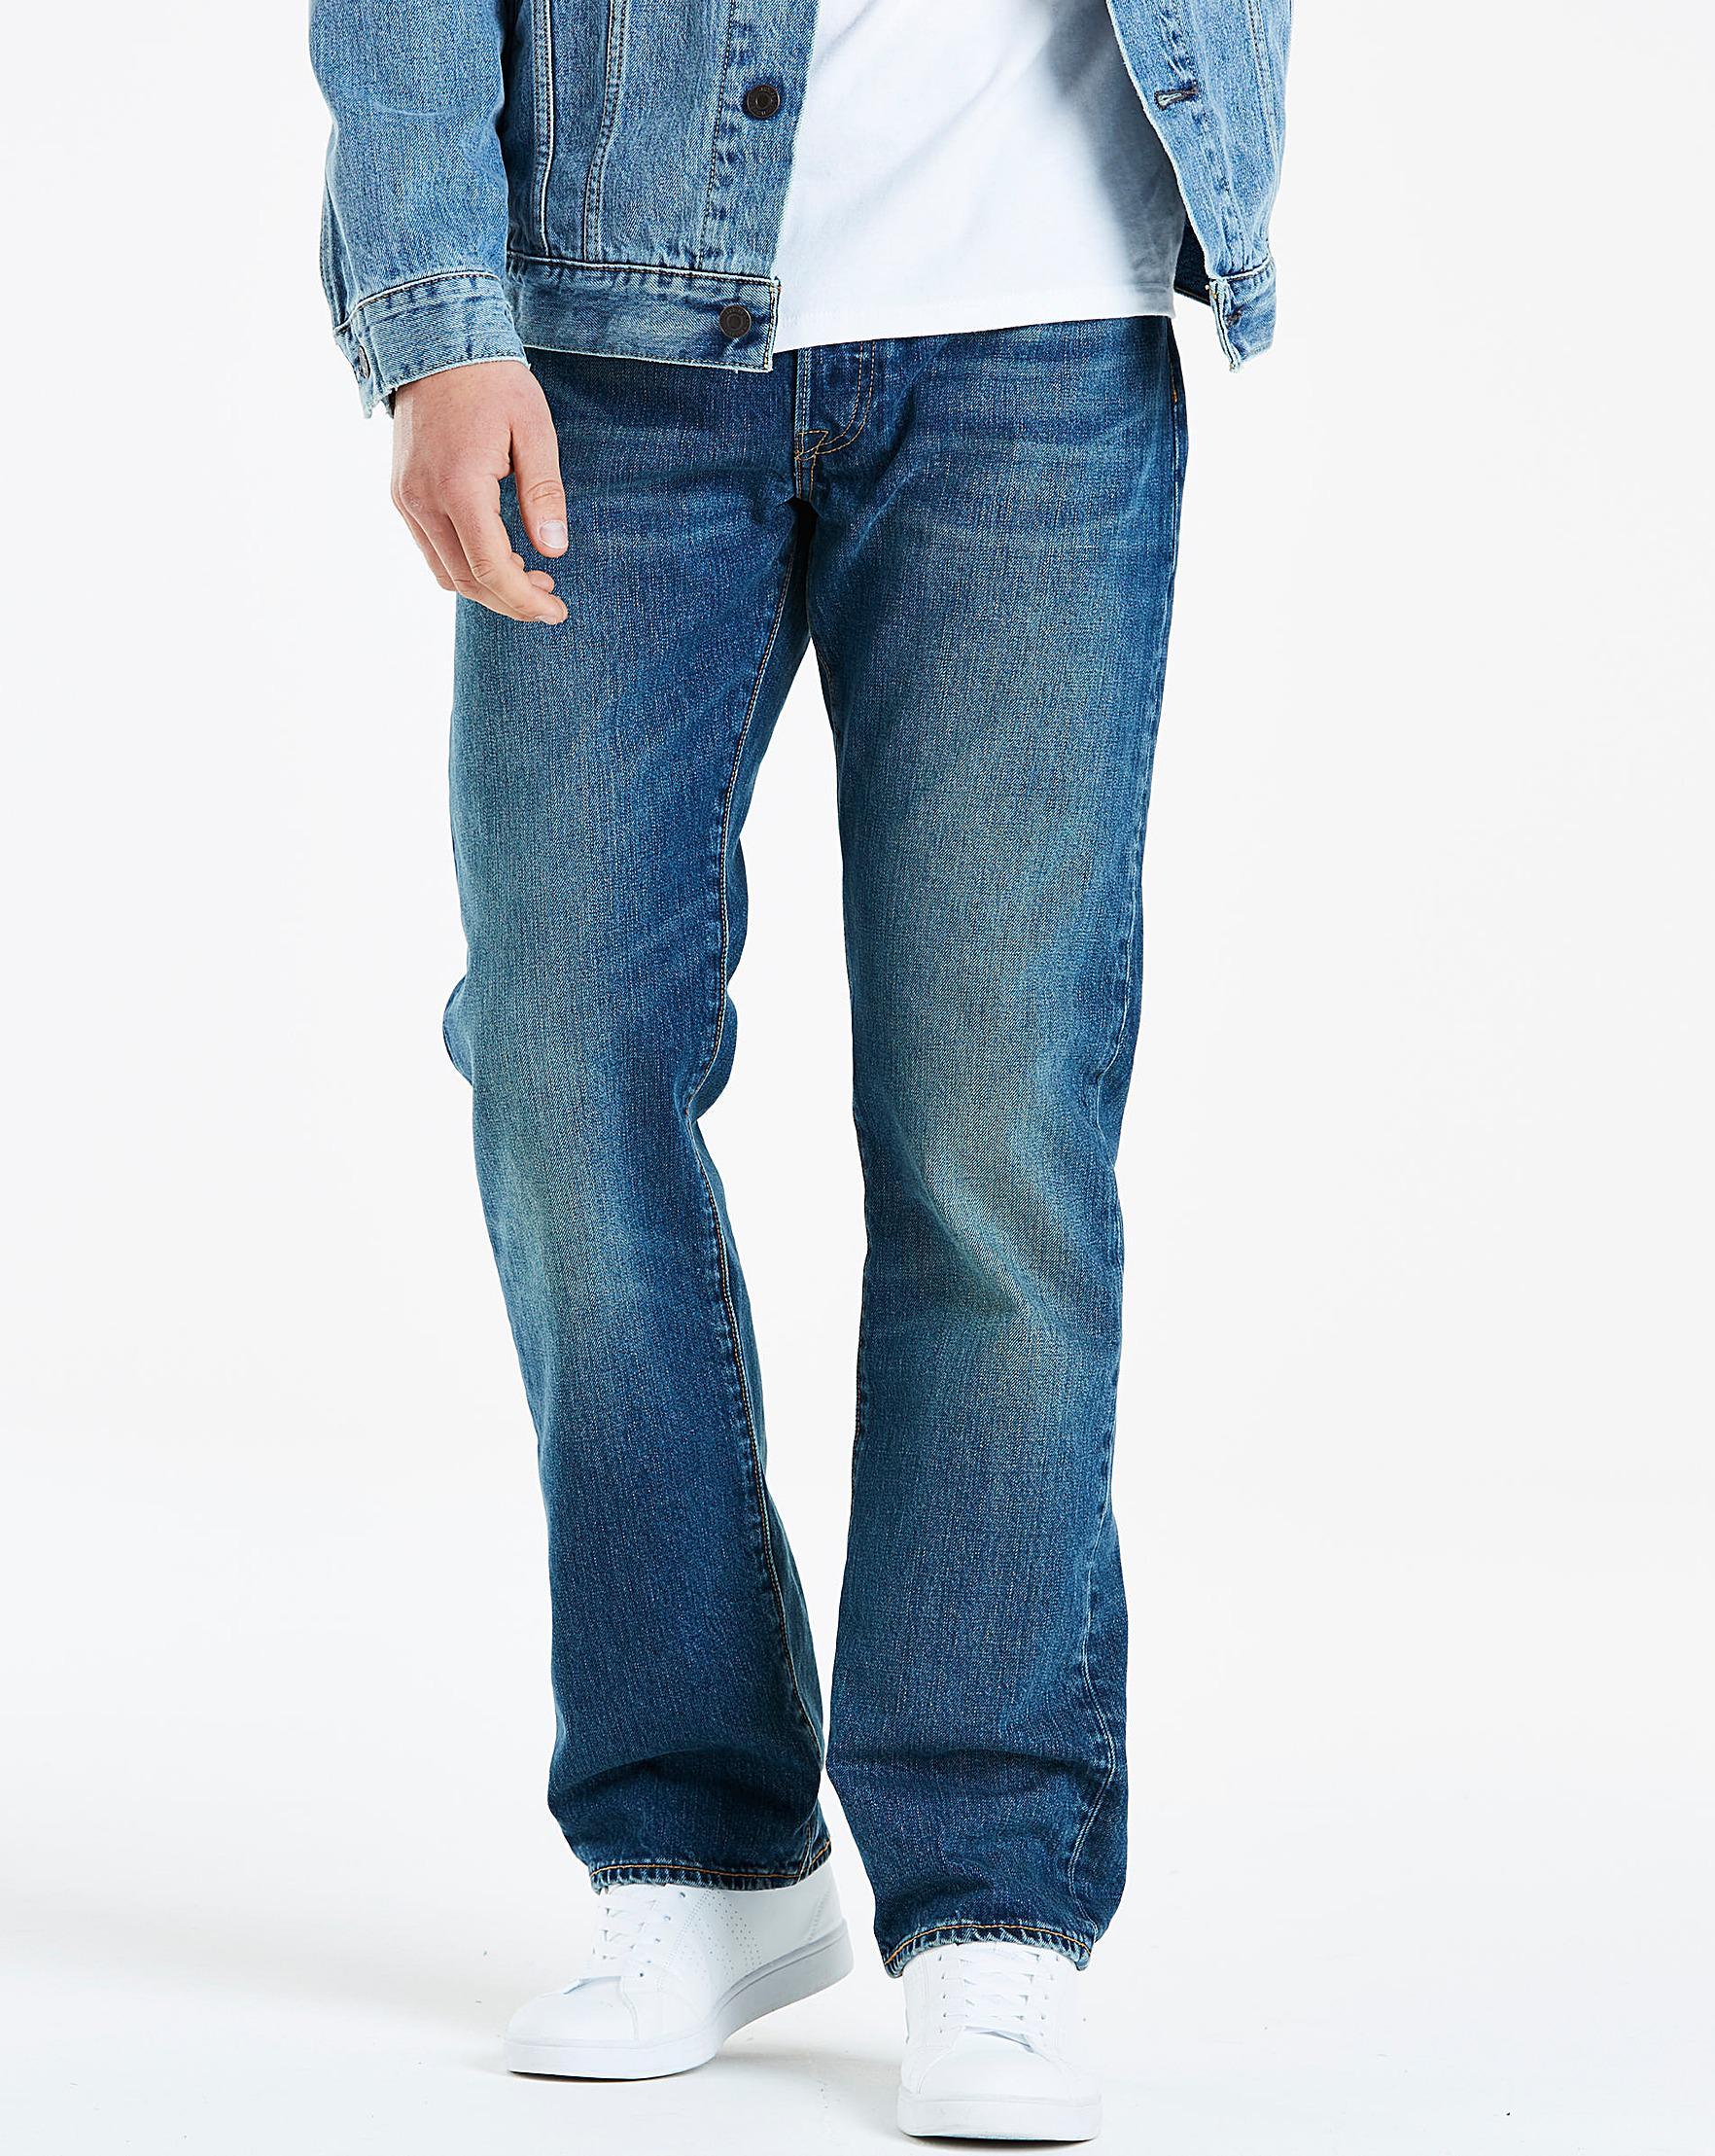 656586284b5 Levi's 501 Original Fit Hook Jean 32 In in Blue for Men - Lyst